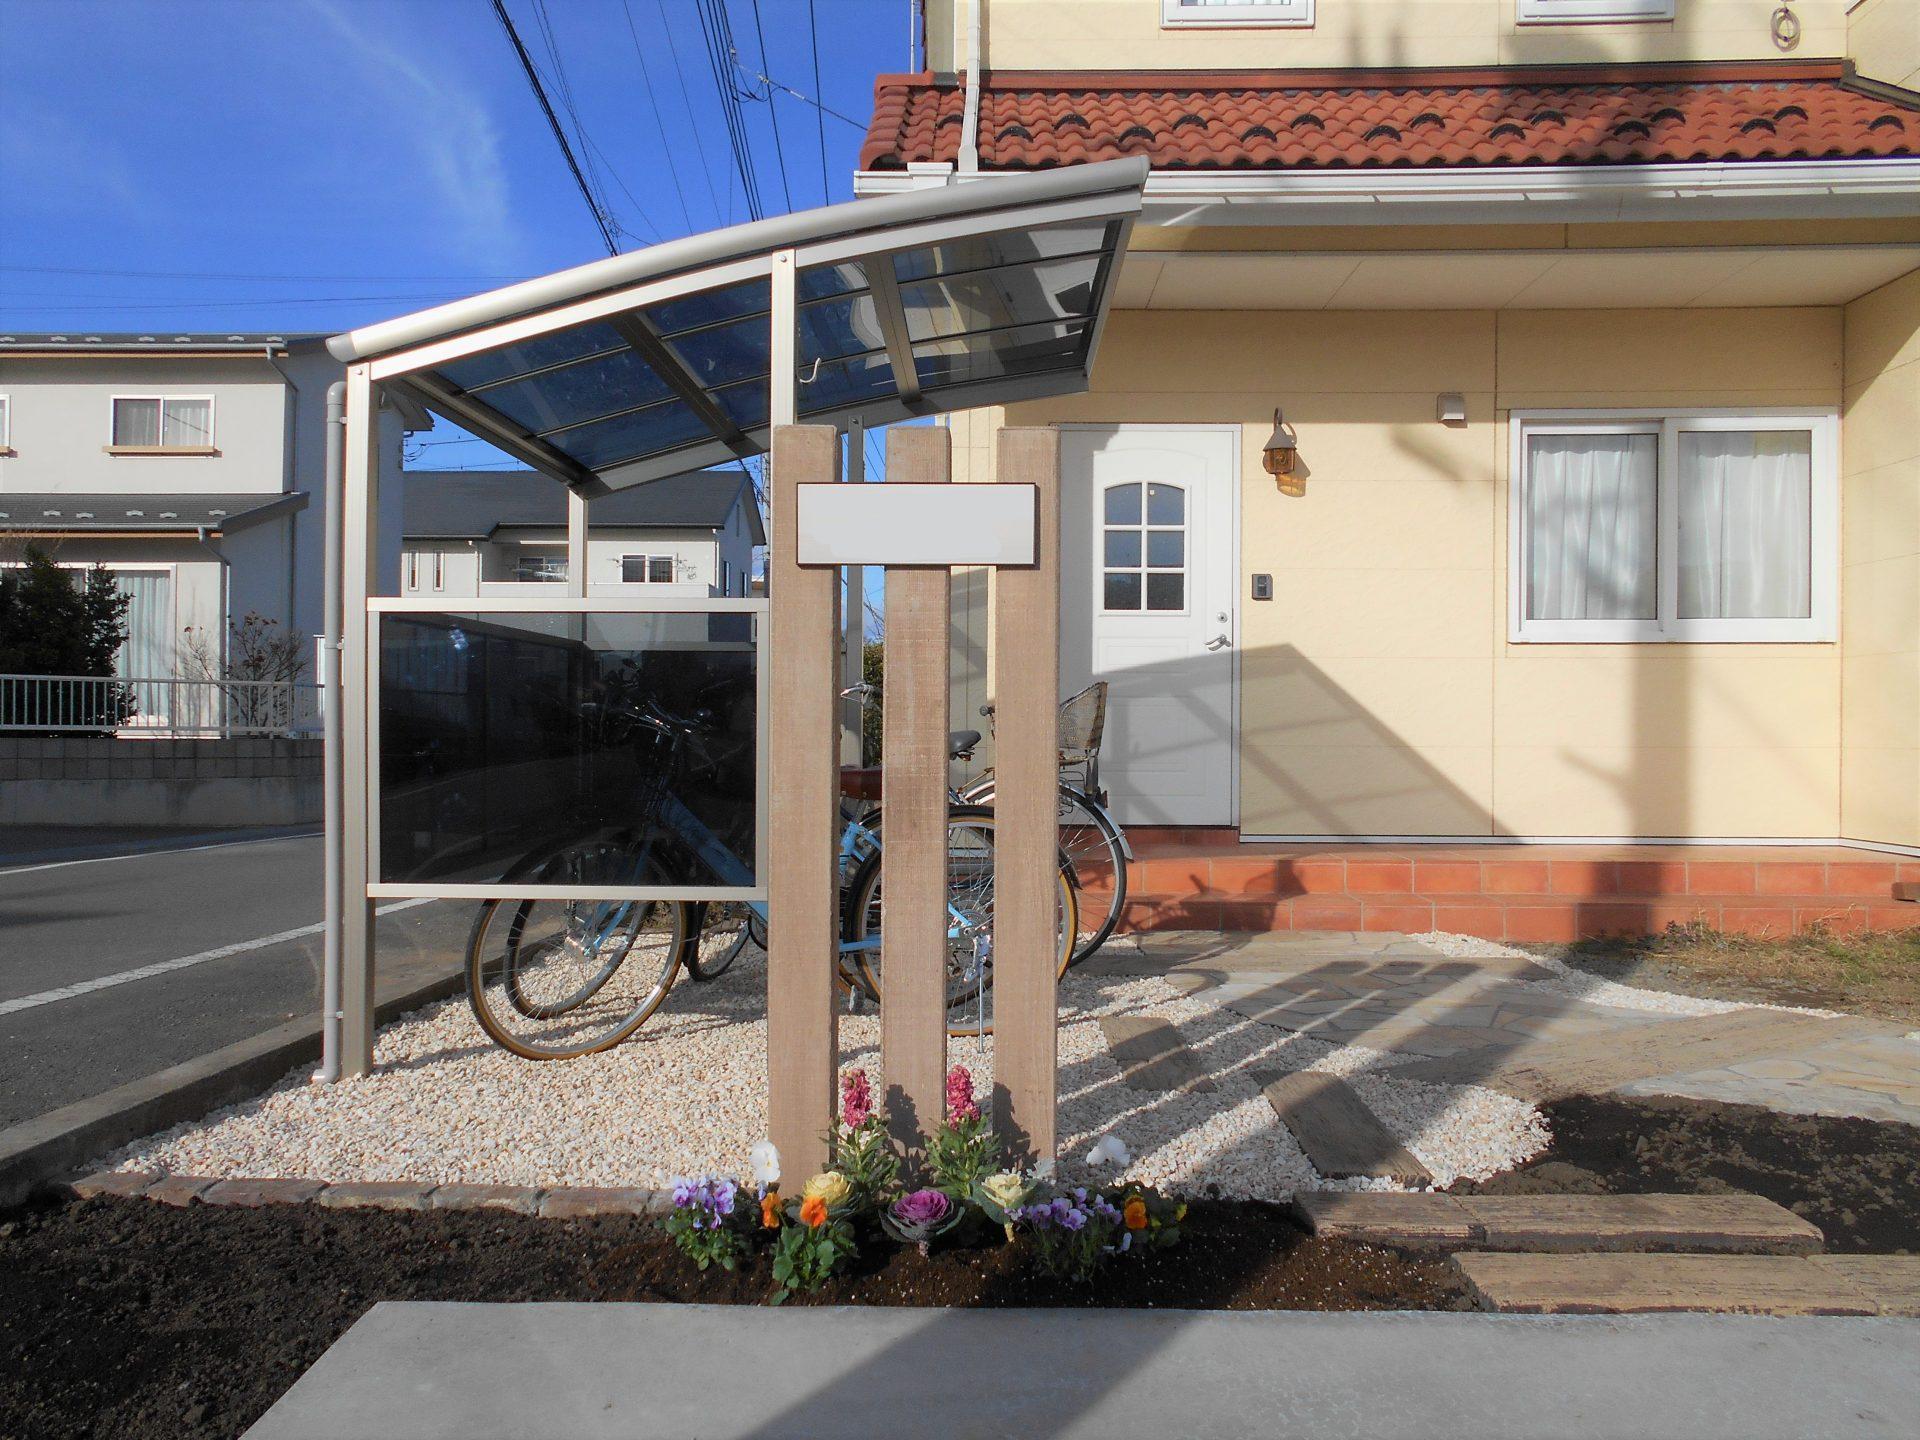 枕木門柱と冬の花の植栽